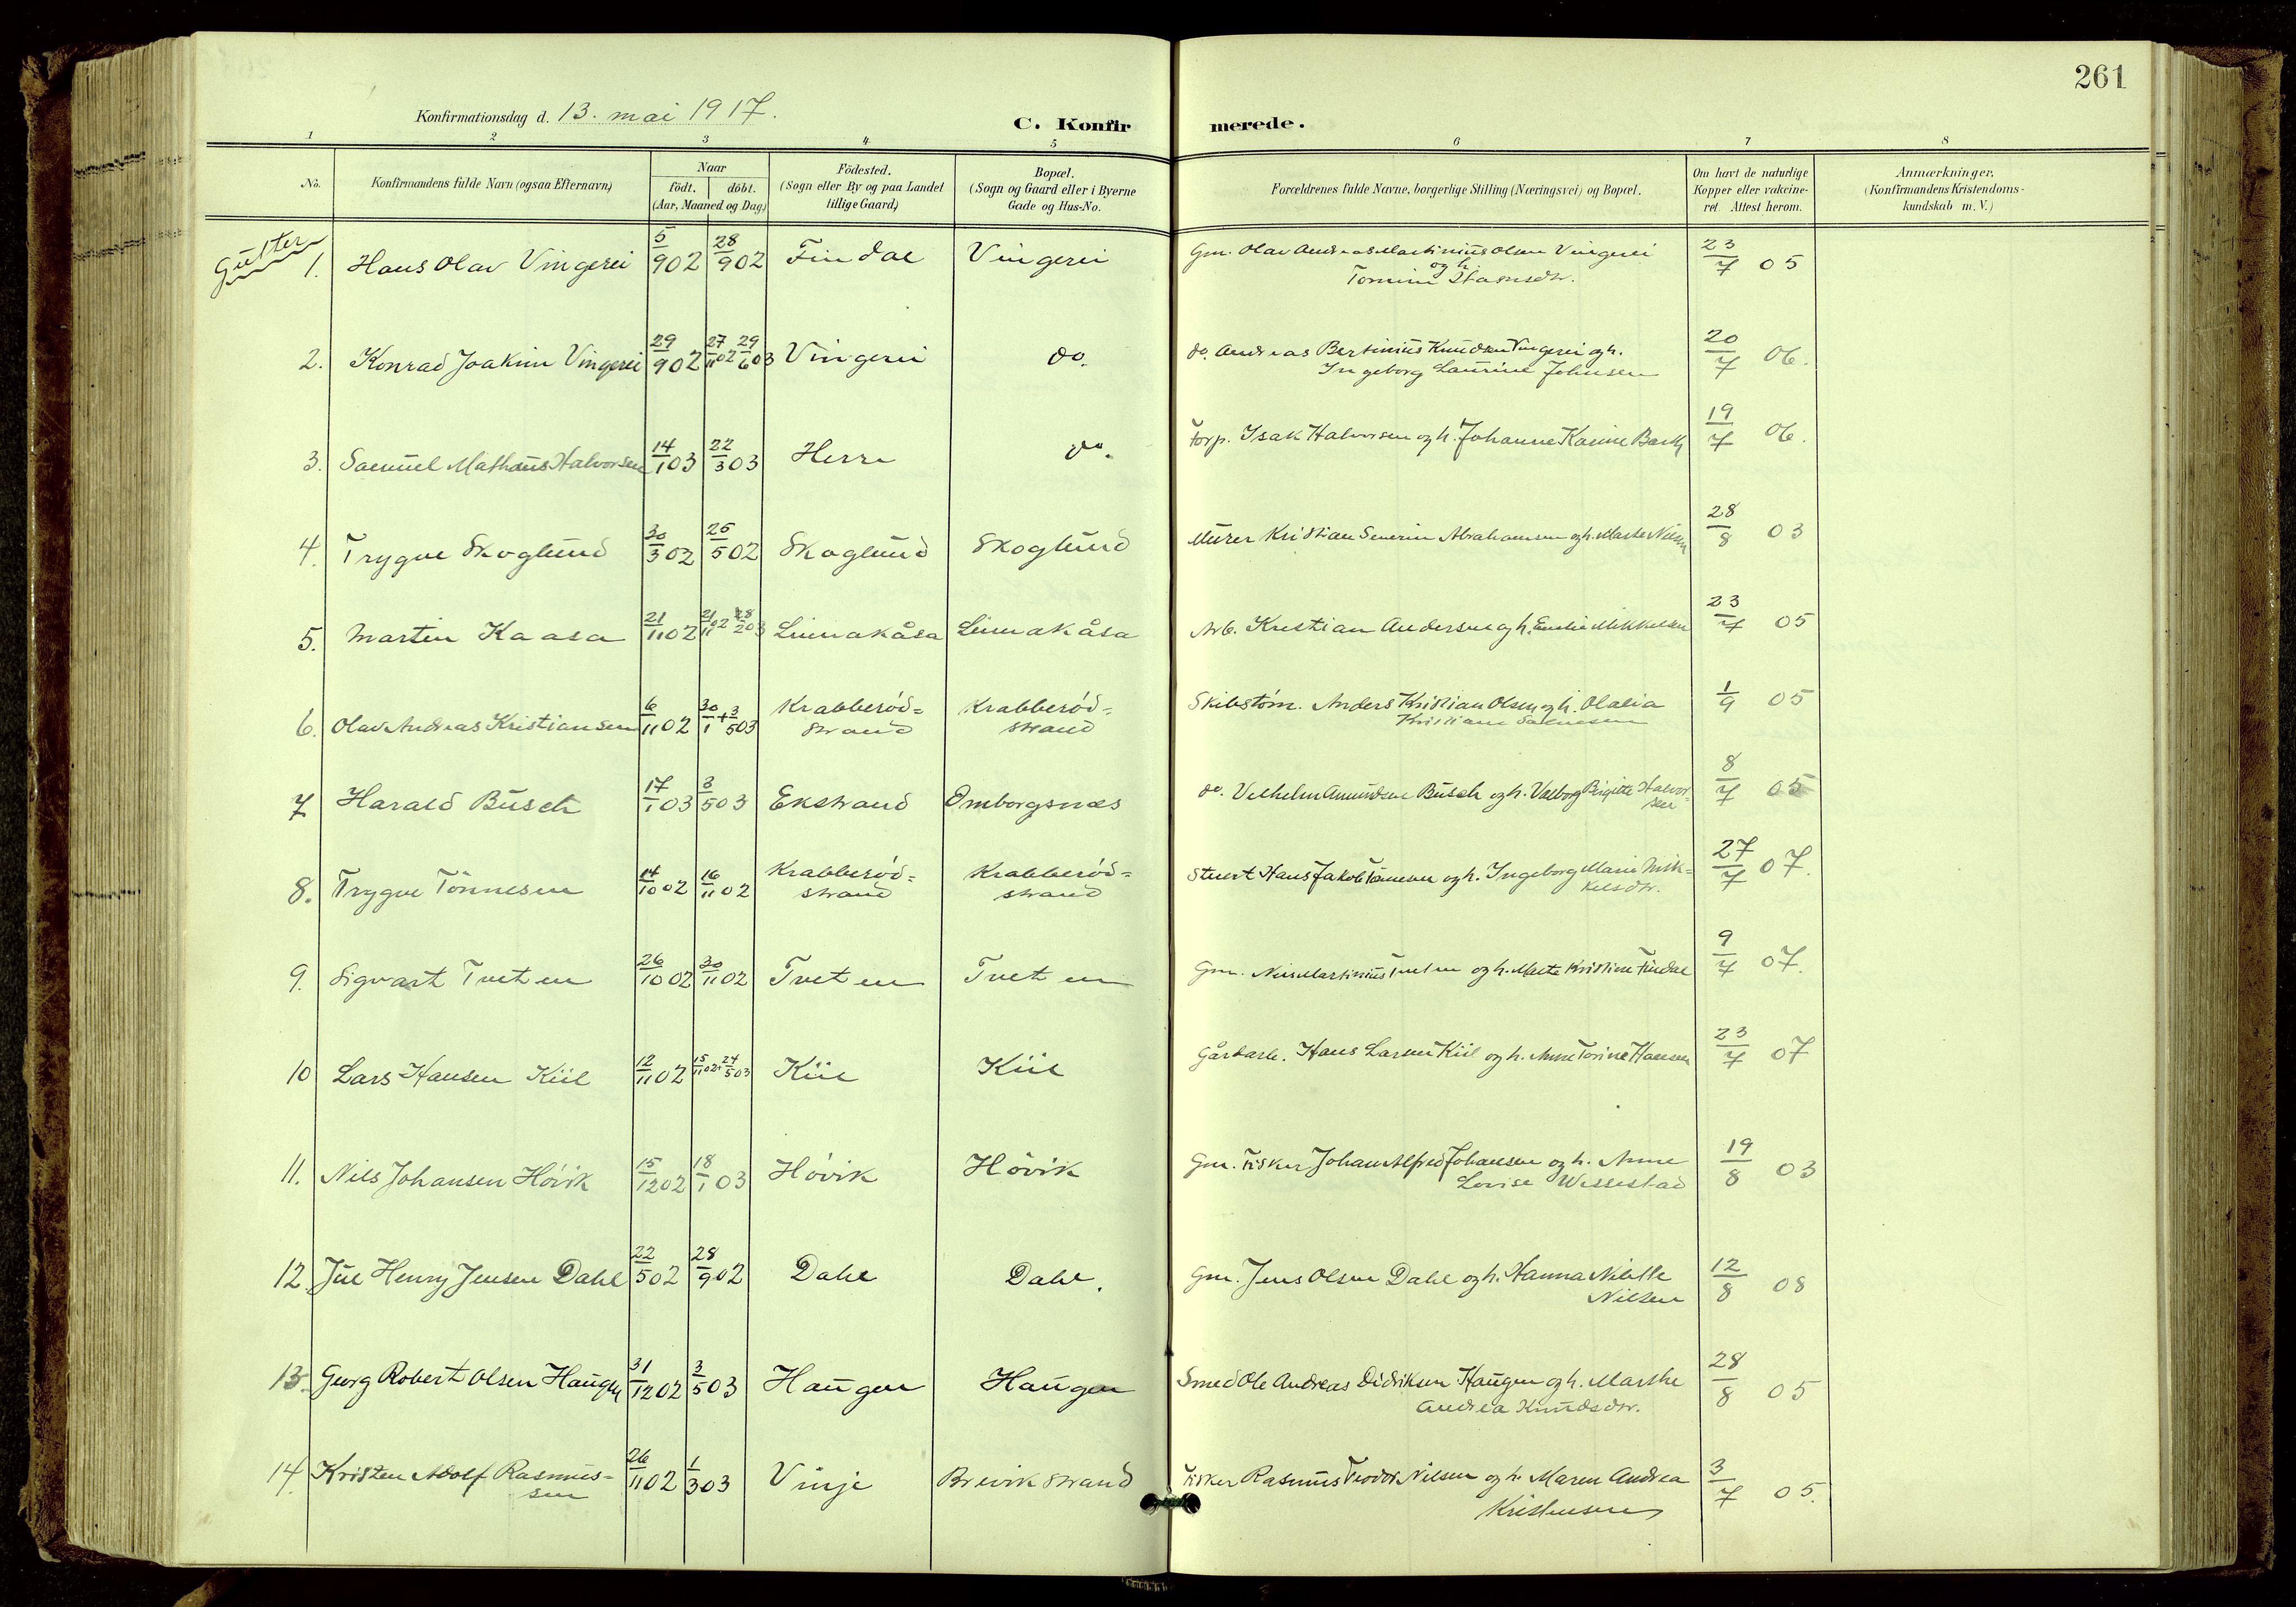 SAKO, Bamble kirkebøker, G/Ga/L0010: Klokkerbok nr. I 10, 1901-1919, s. 261